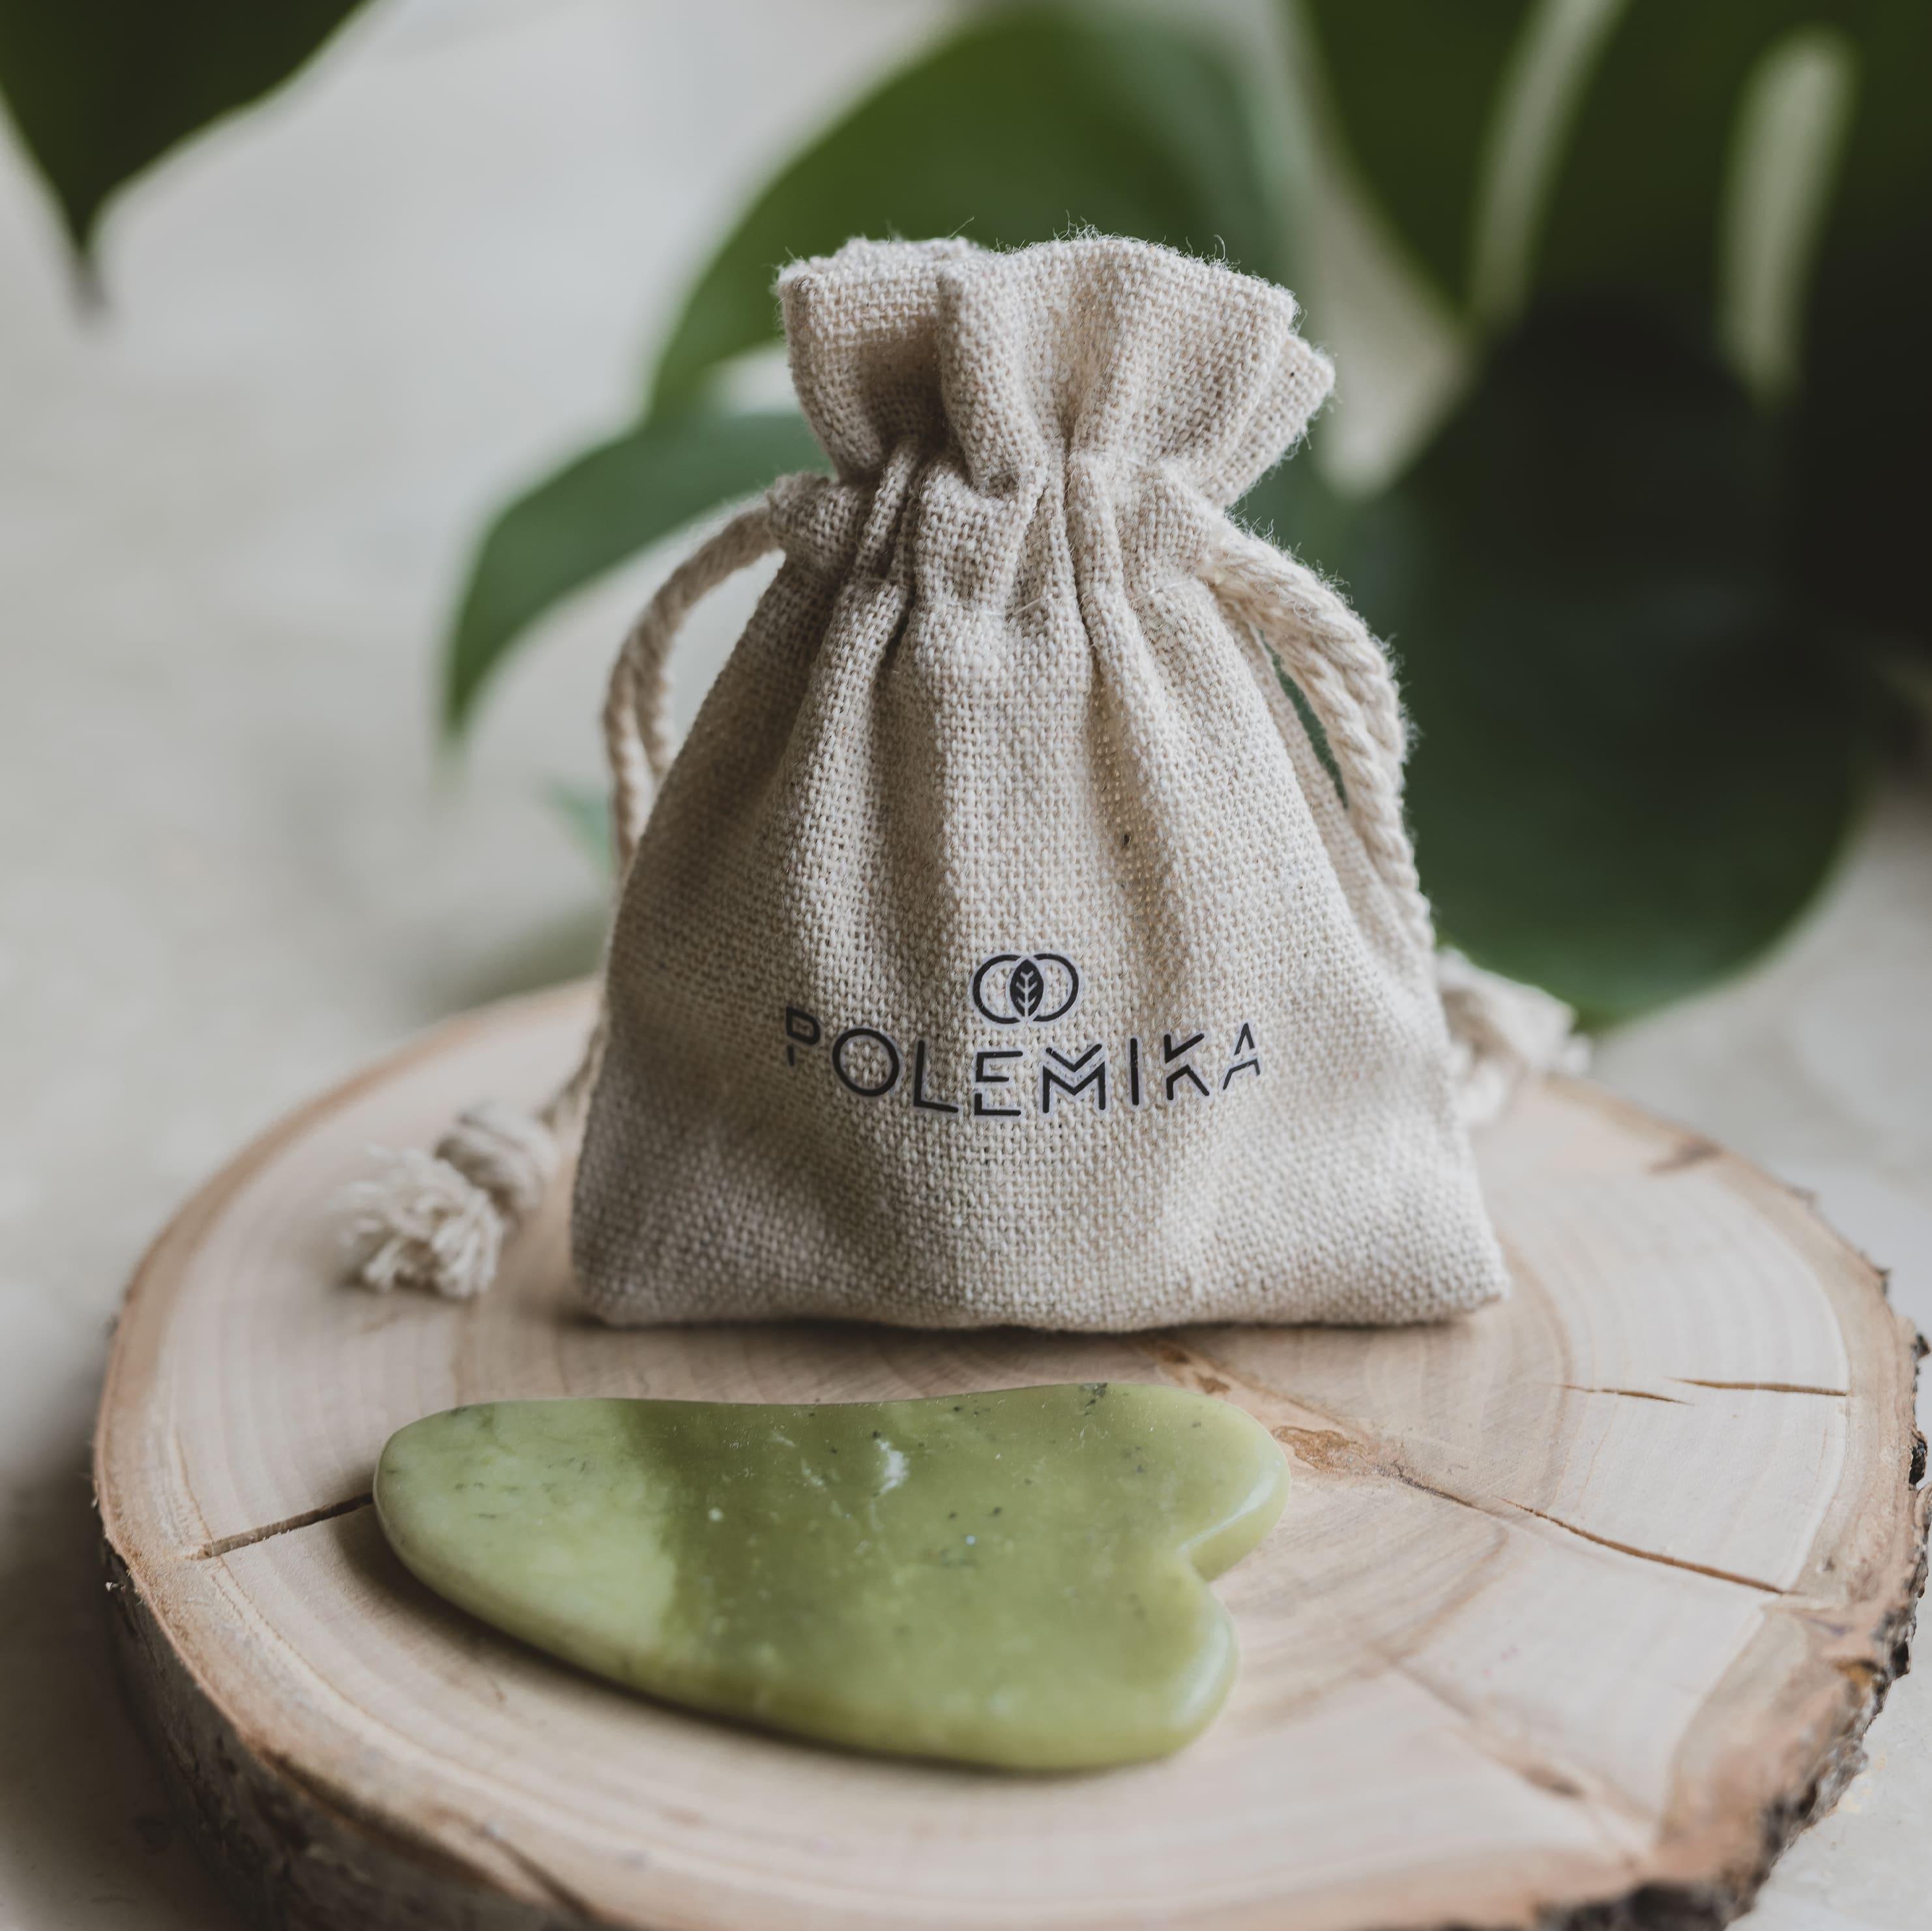 Płytka jadeitowa do masażu